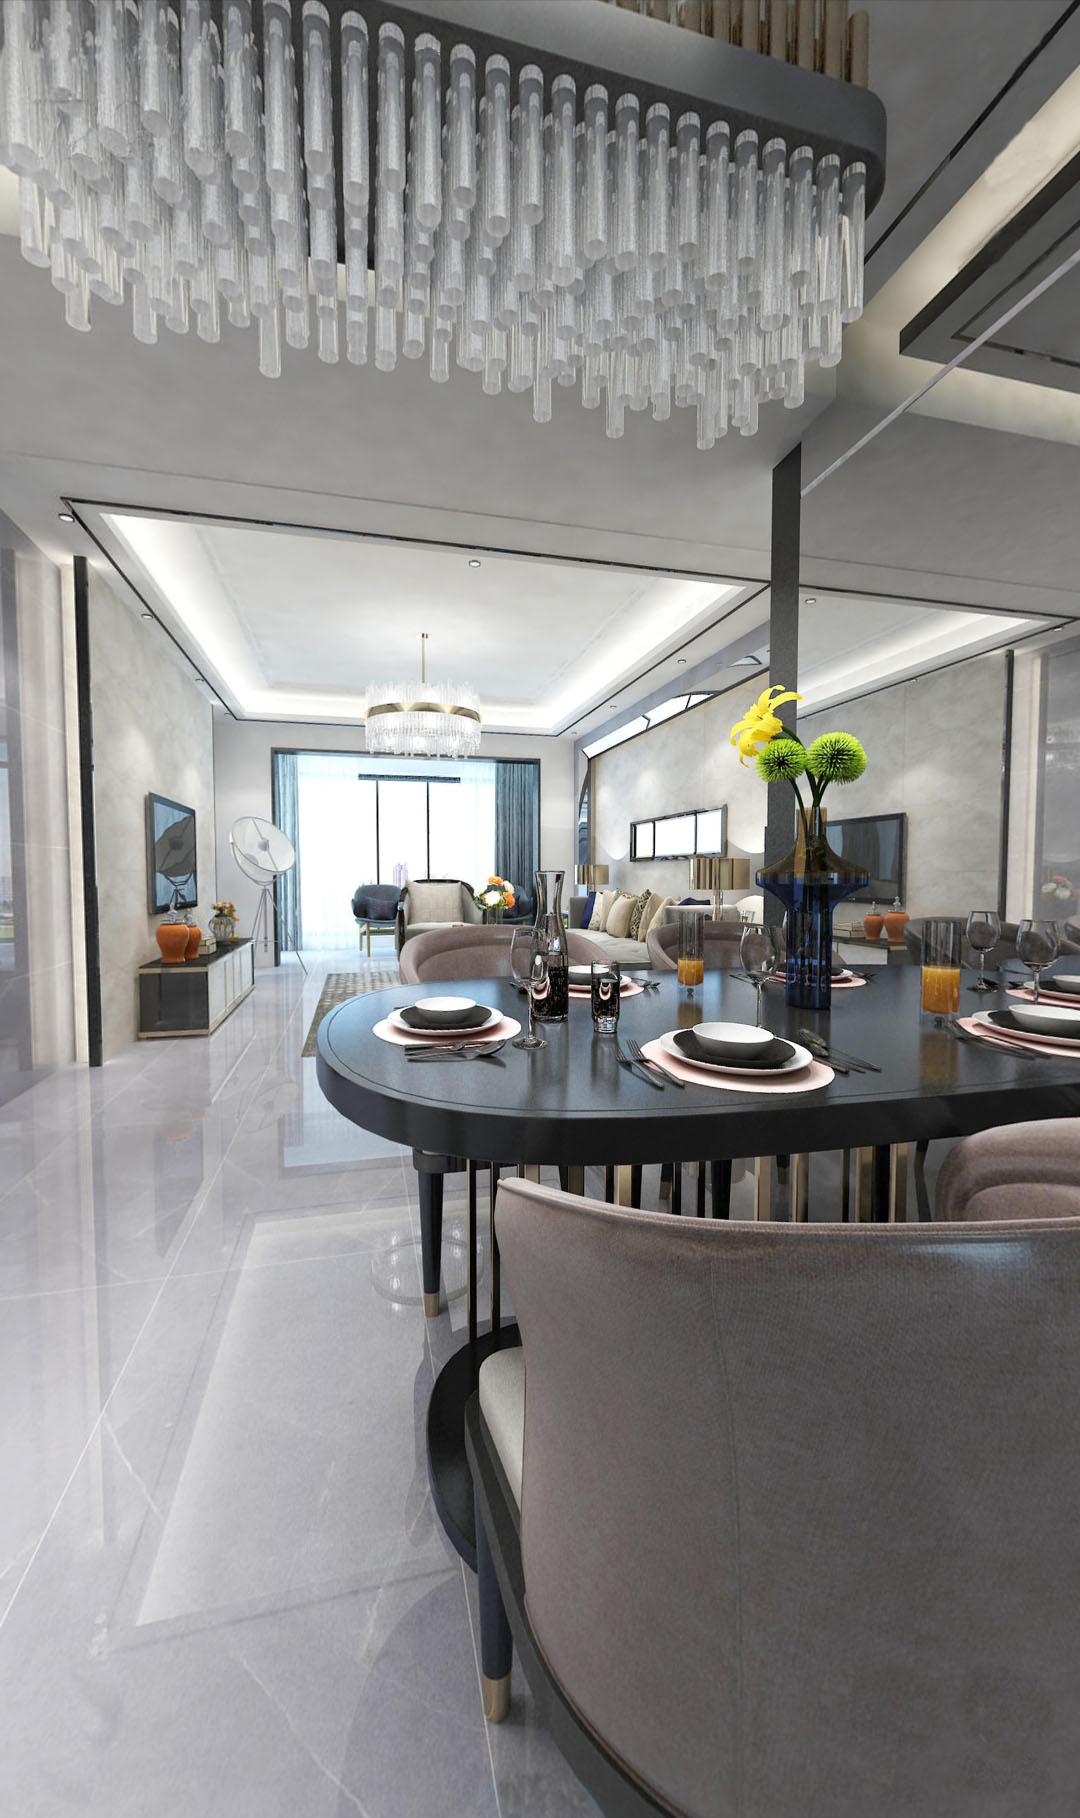 三居 现代轻奢 餐厅图片来自云南俊雅装饰工程有限公司在都铎城邦的分享